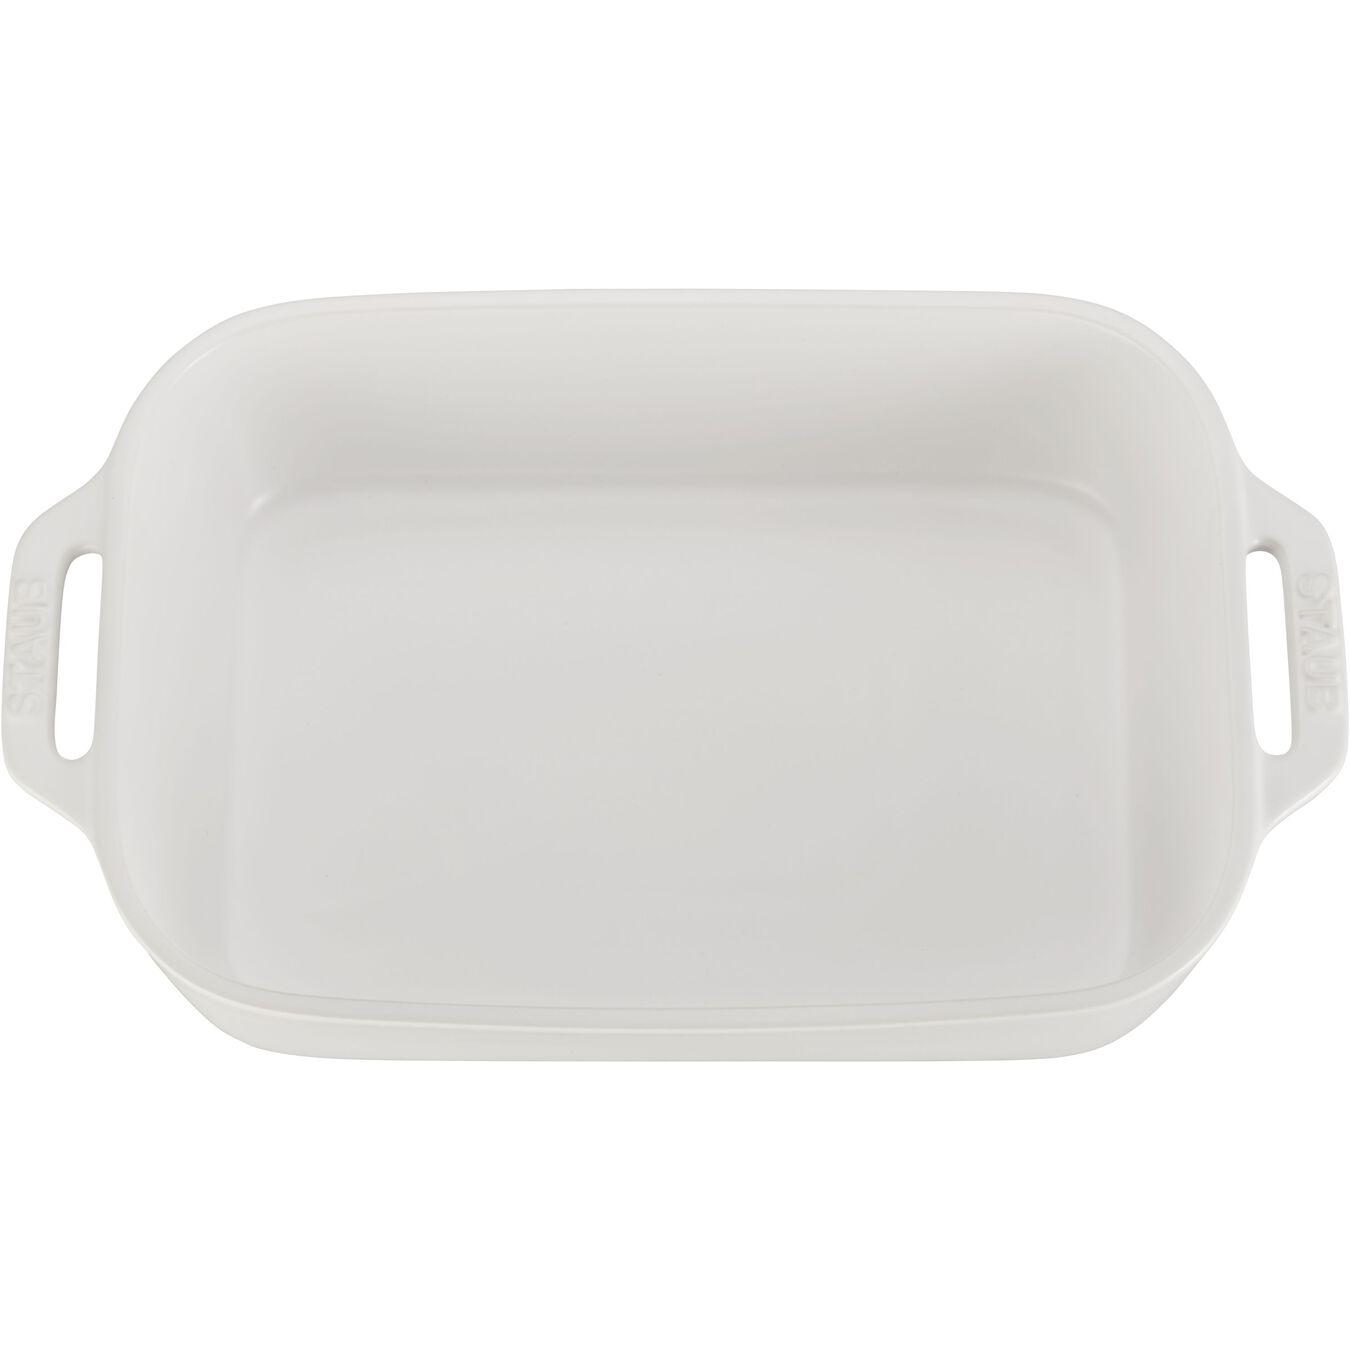 2 Piece rectangular Bakeware set, matte-white,,large 4